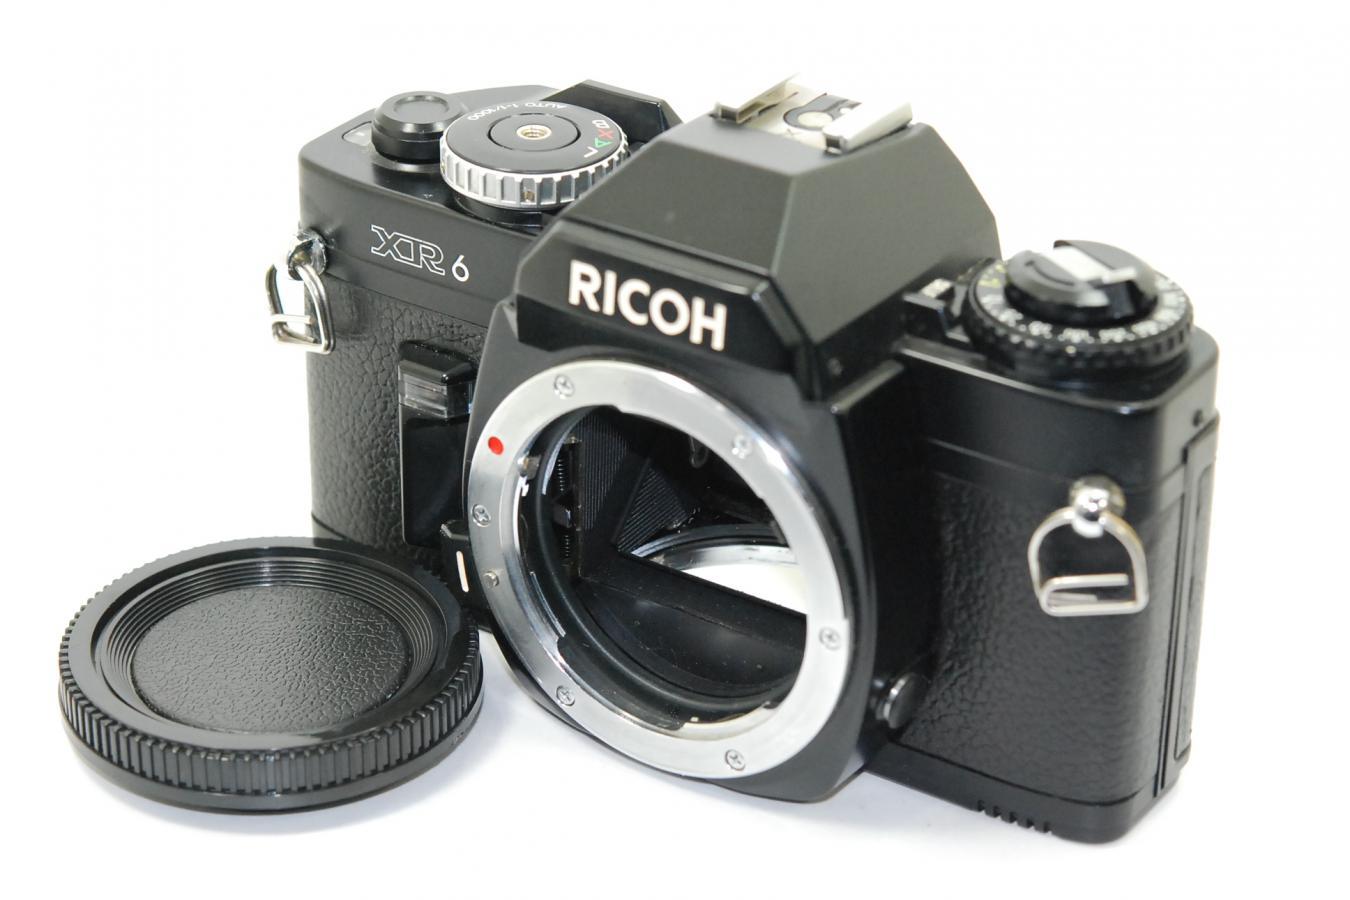 RICOH XR6